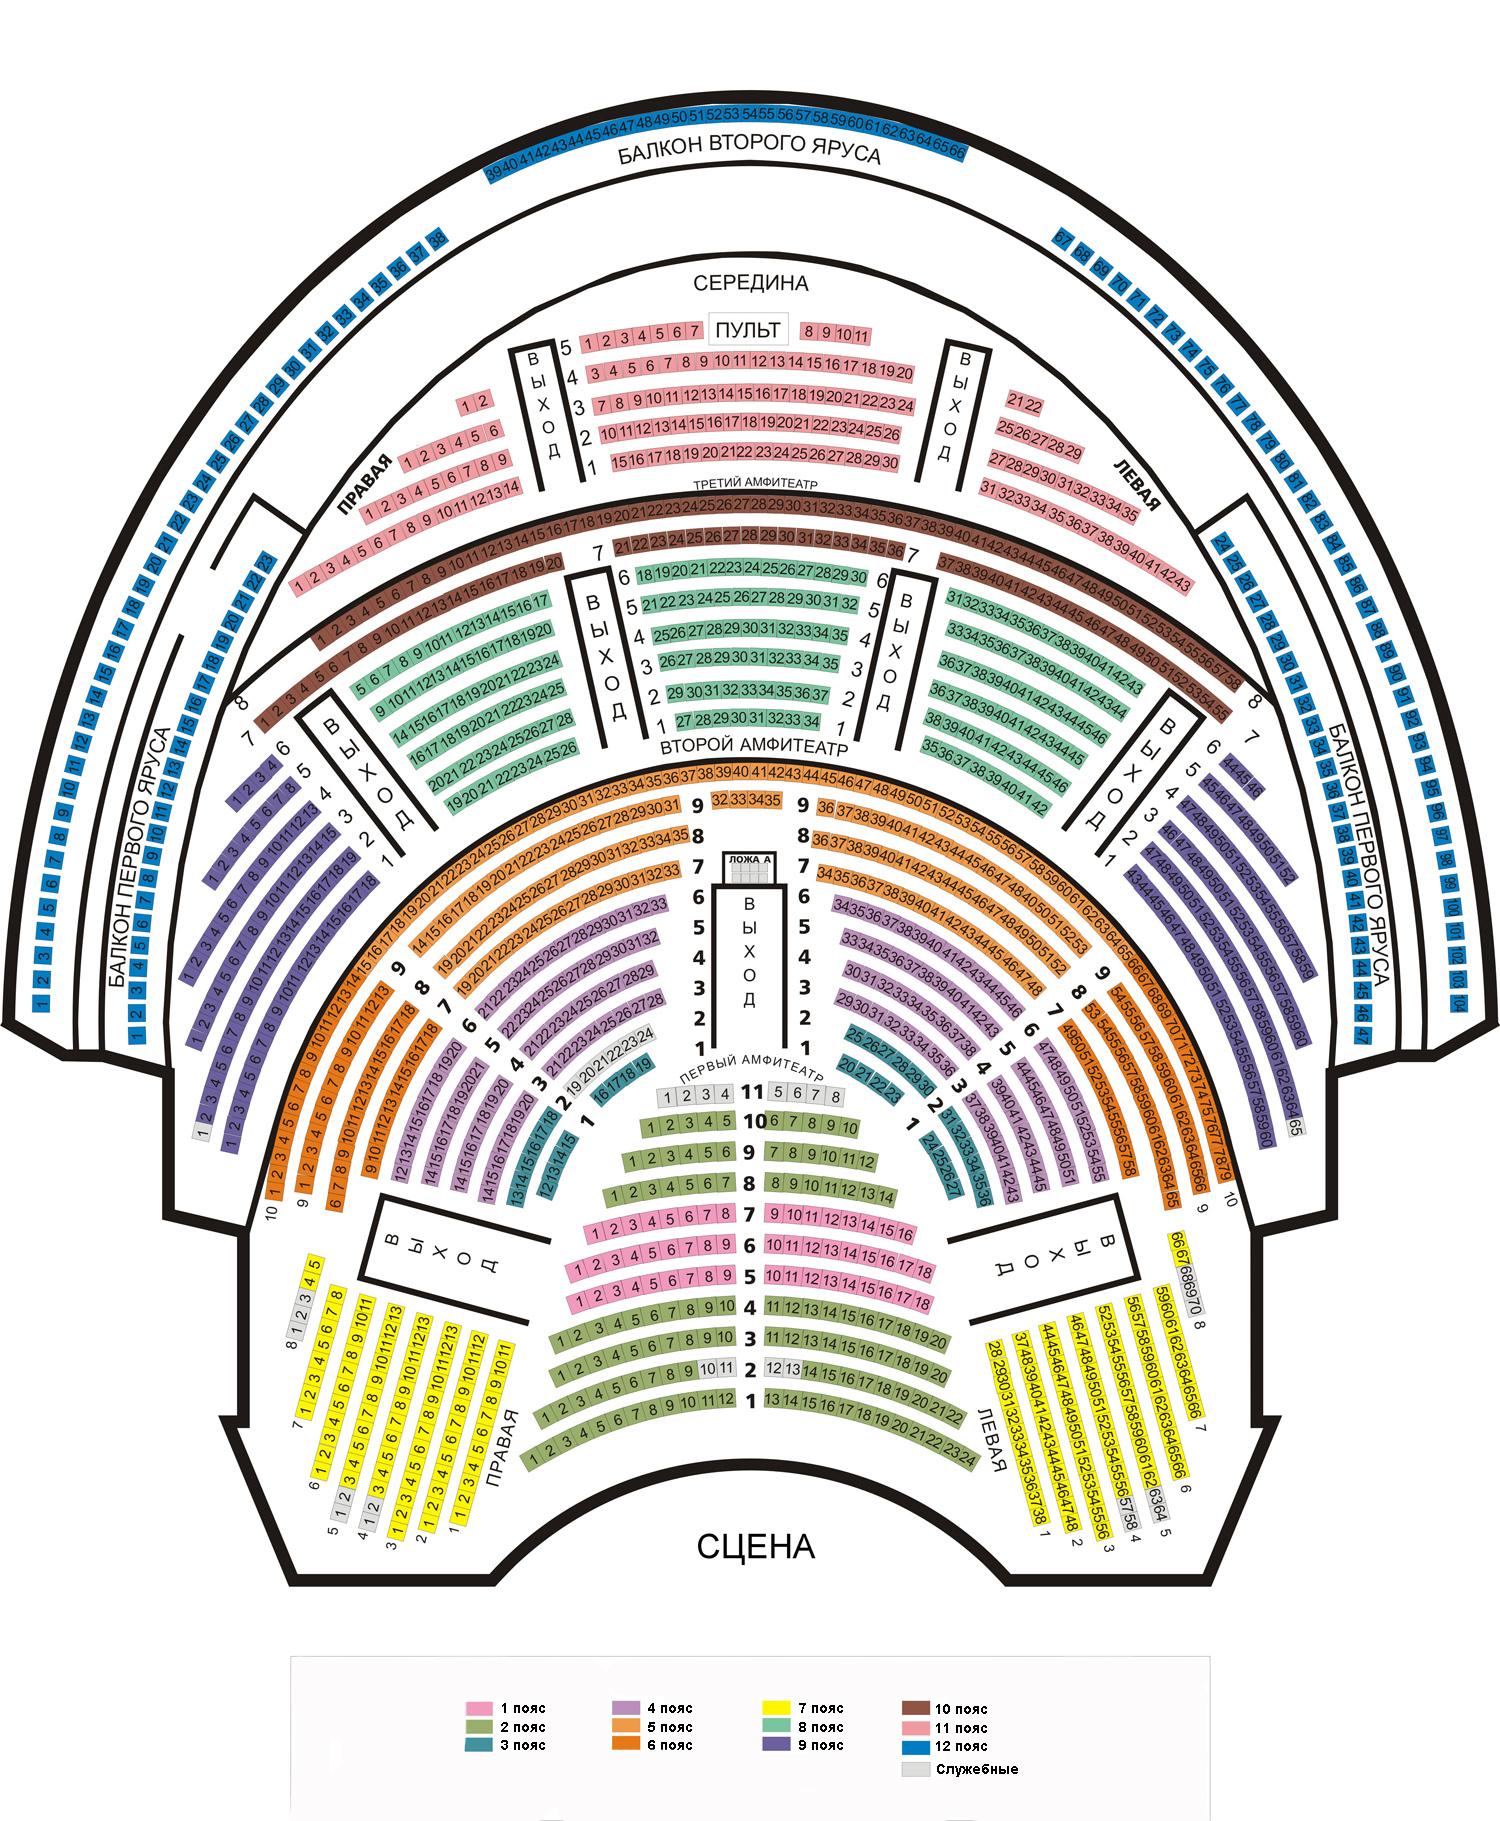 Национальный академический оркестр народных инструментов...  Концертный зал имени П.И.Чайковского 7 декабря, 15:00.